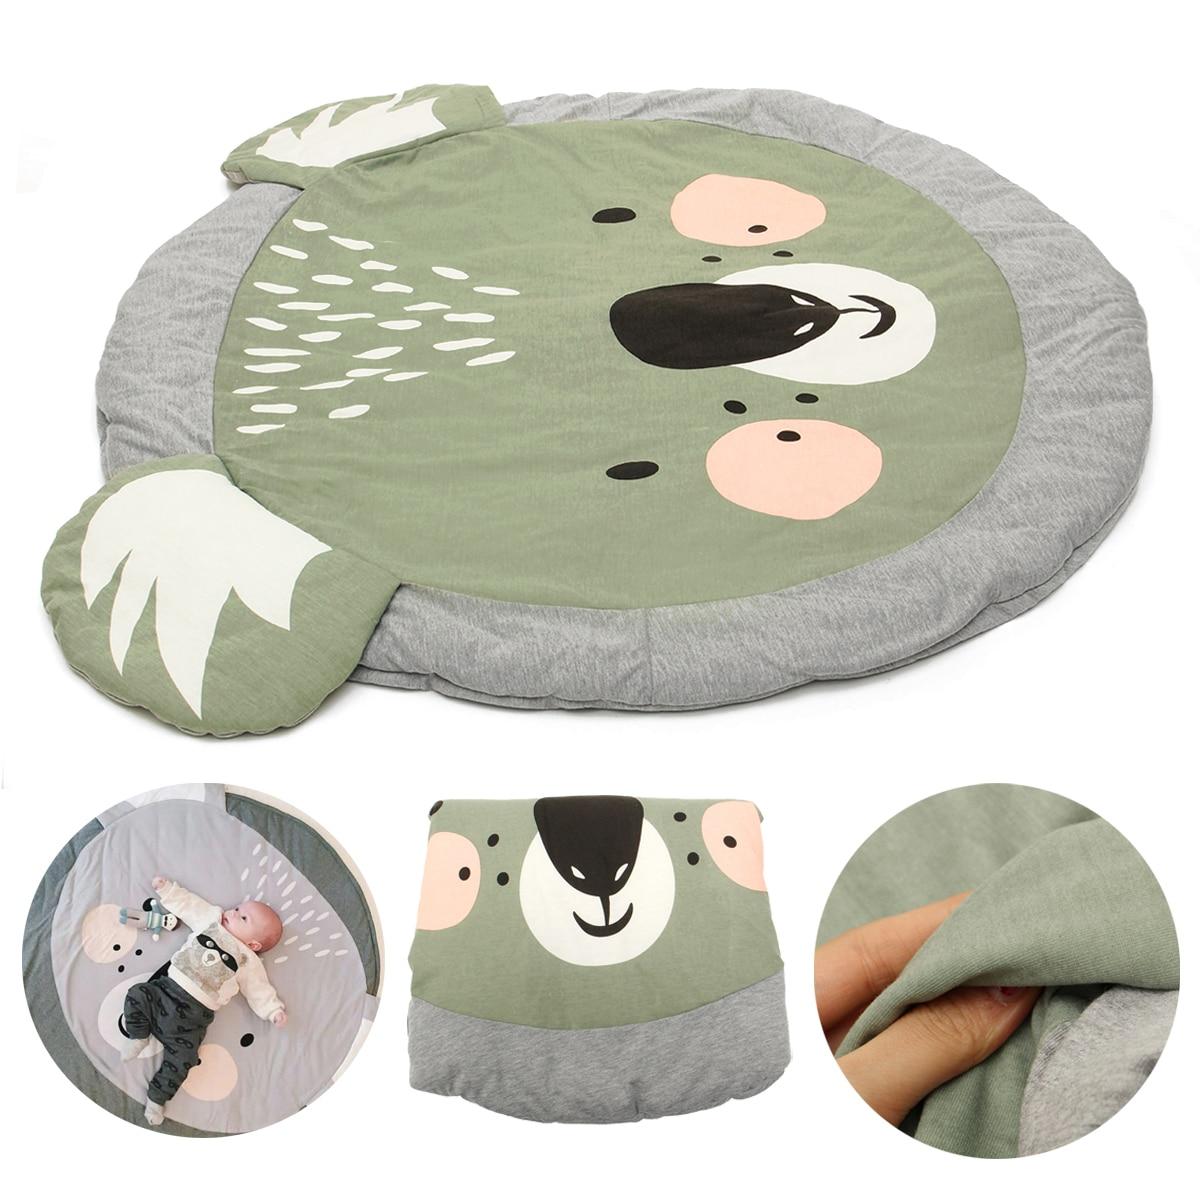 85 см Baby Игровой коврик круглый ковер Rugs коврик хлопок ползать ковер Одеяло пол ковер из/крытый мягкая детские подарки ...